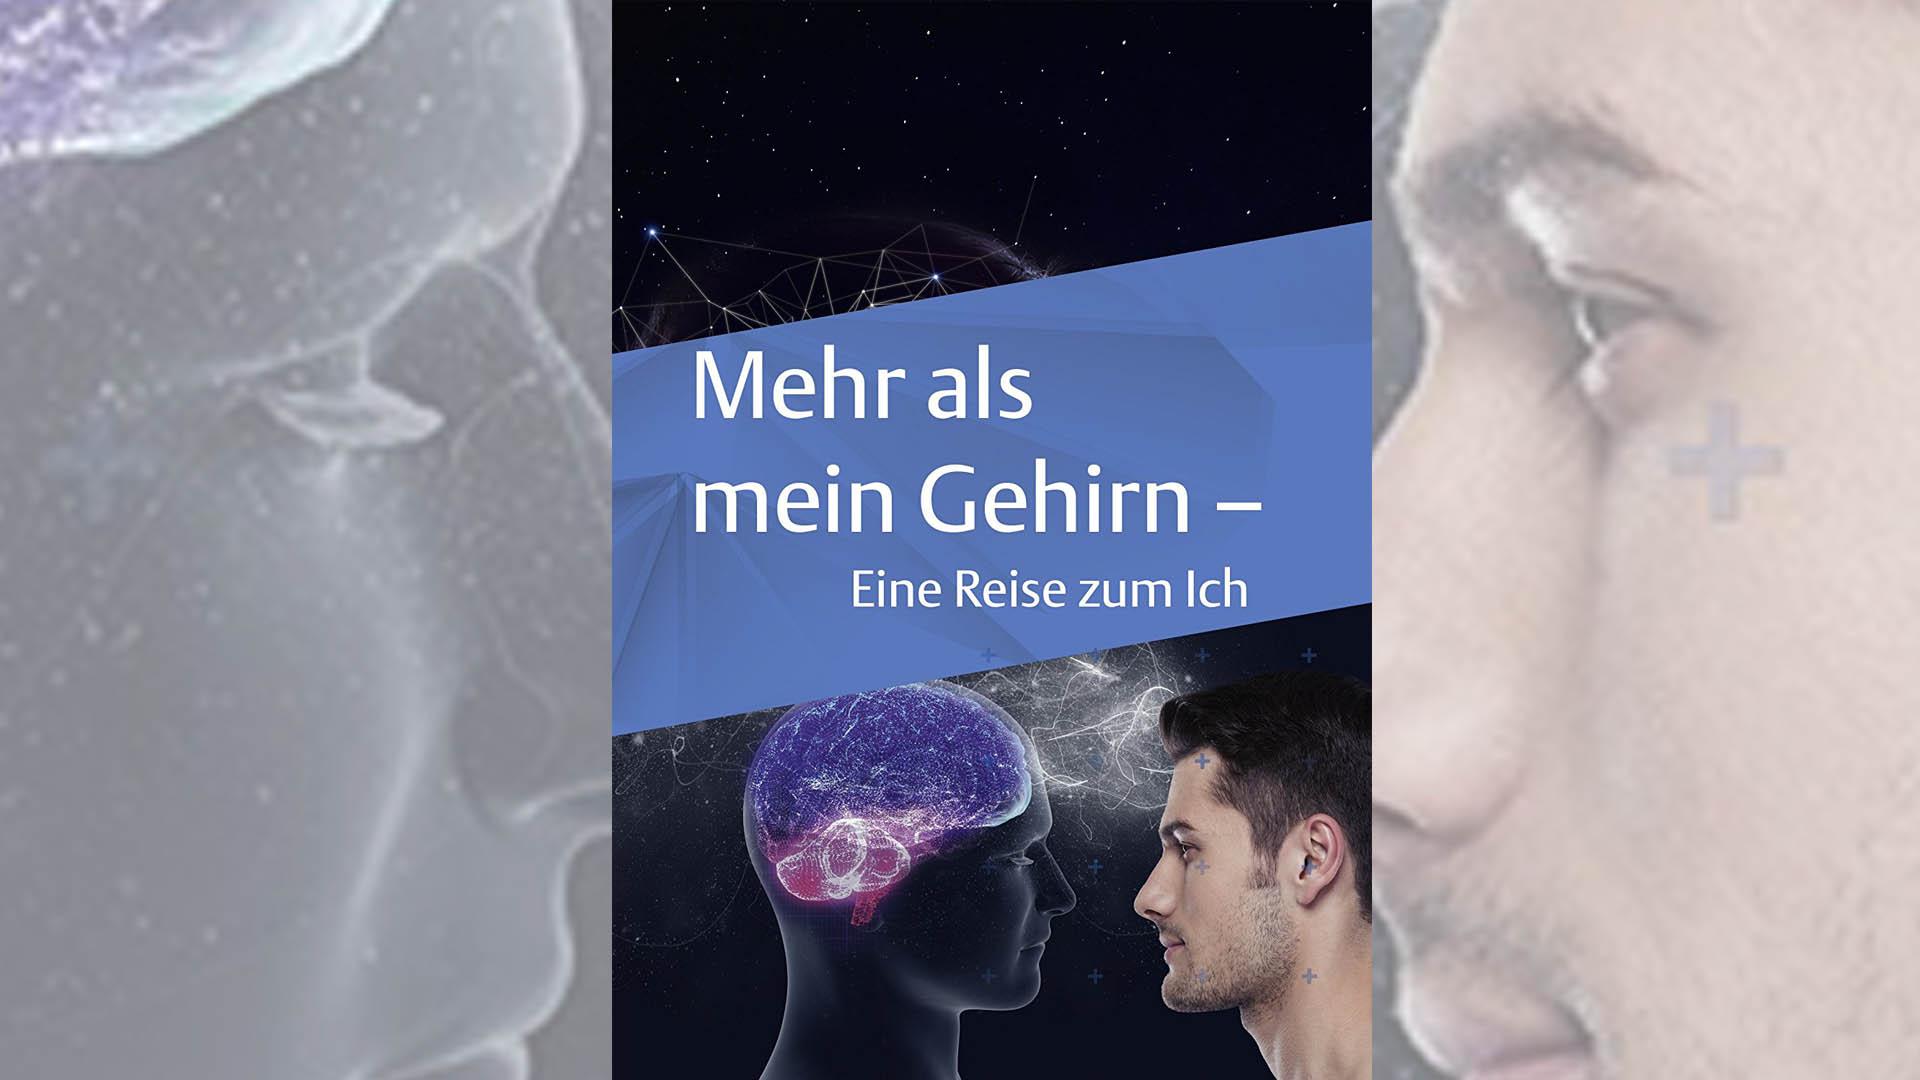 """Der Film """"Mehr als mein Gehirn – Eine Reise zum Ich"""" stellt die Frage, ob das Ich des Menschen allein im Gehirn sitzt, oder ob es da noch mehr gibt"""